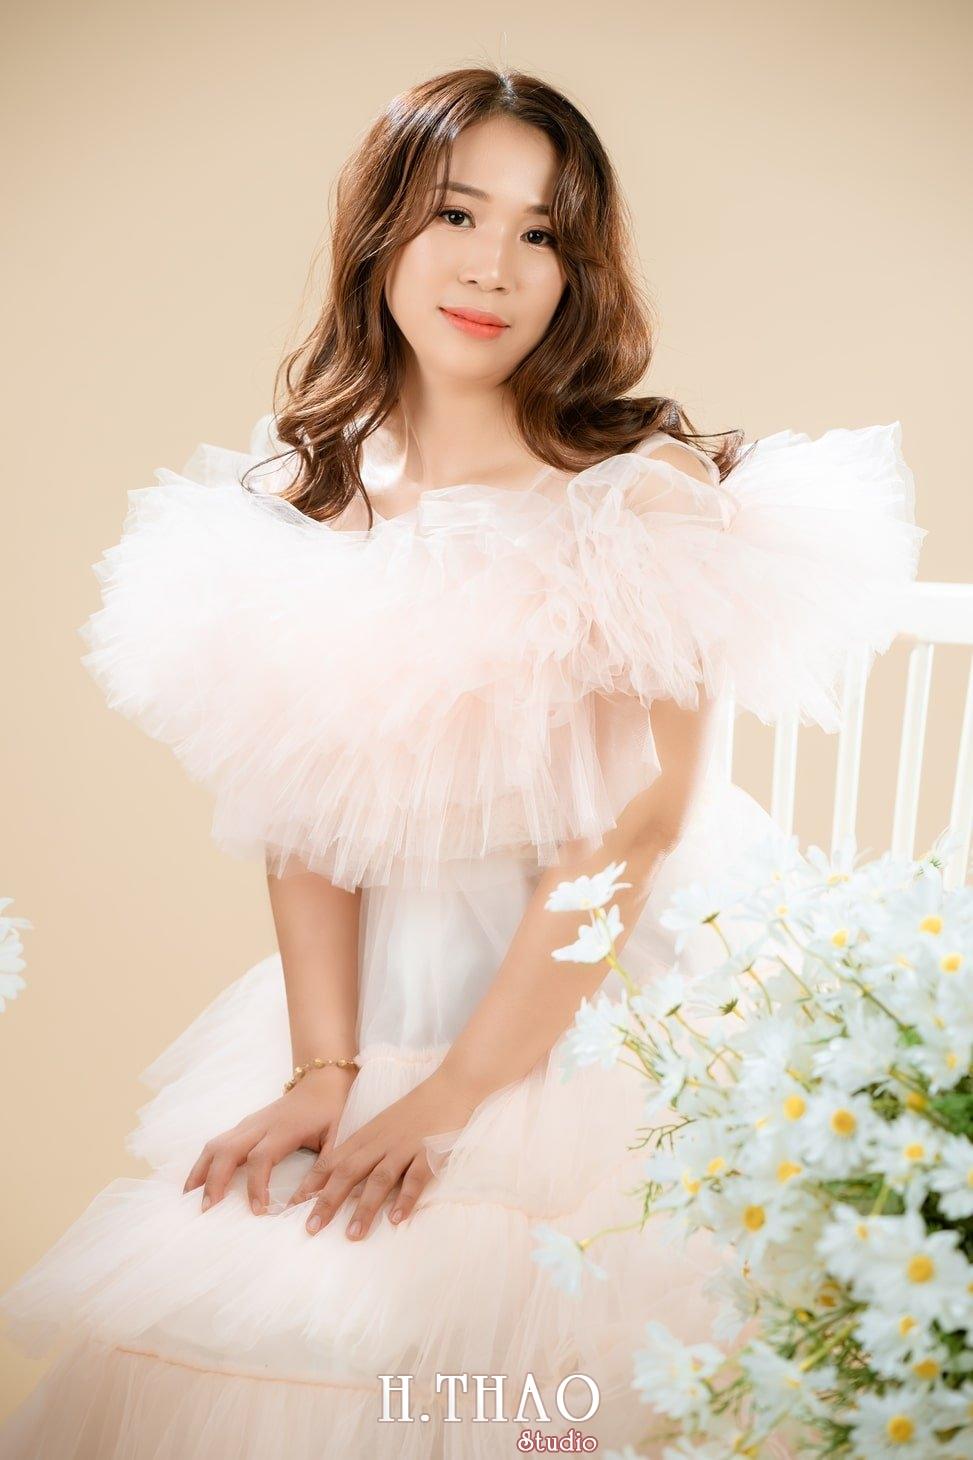 Anh Beauty 6 - Album ảnh beauty bé Sang đẹp nhẹ nhàng - HThao Studio